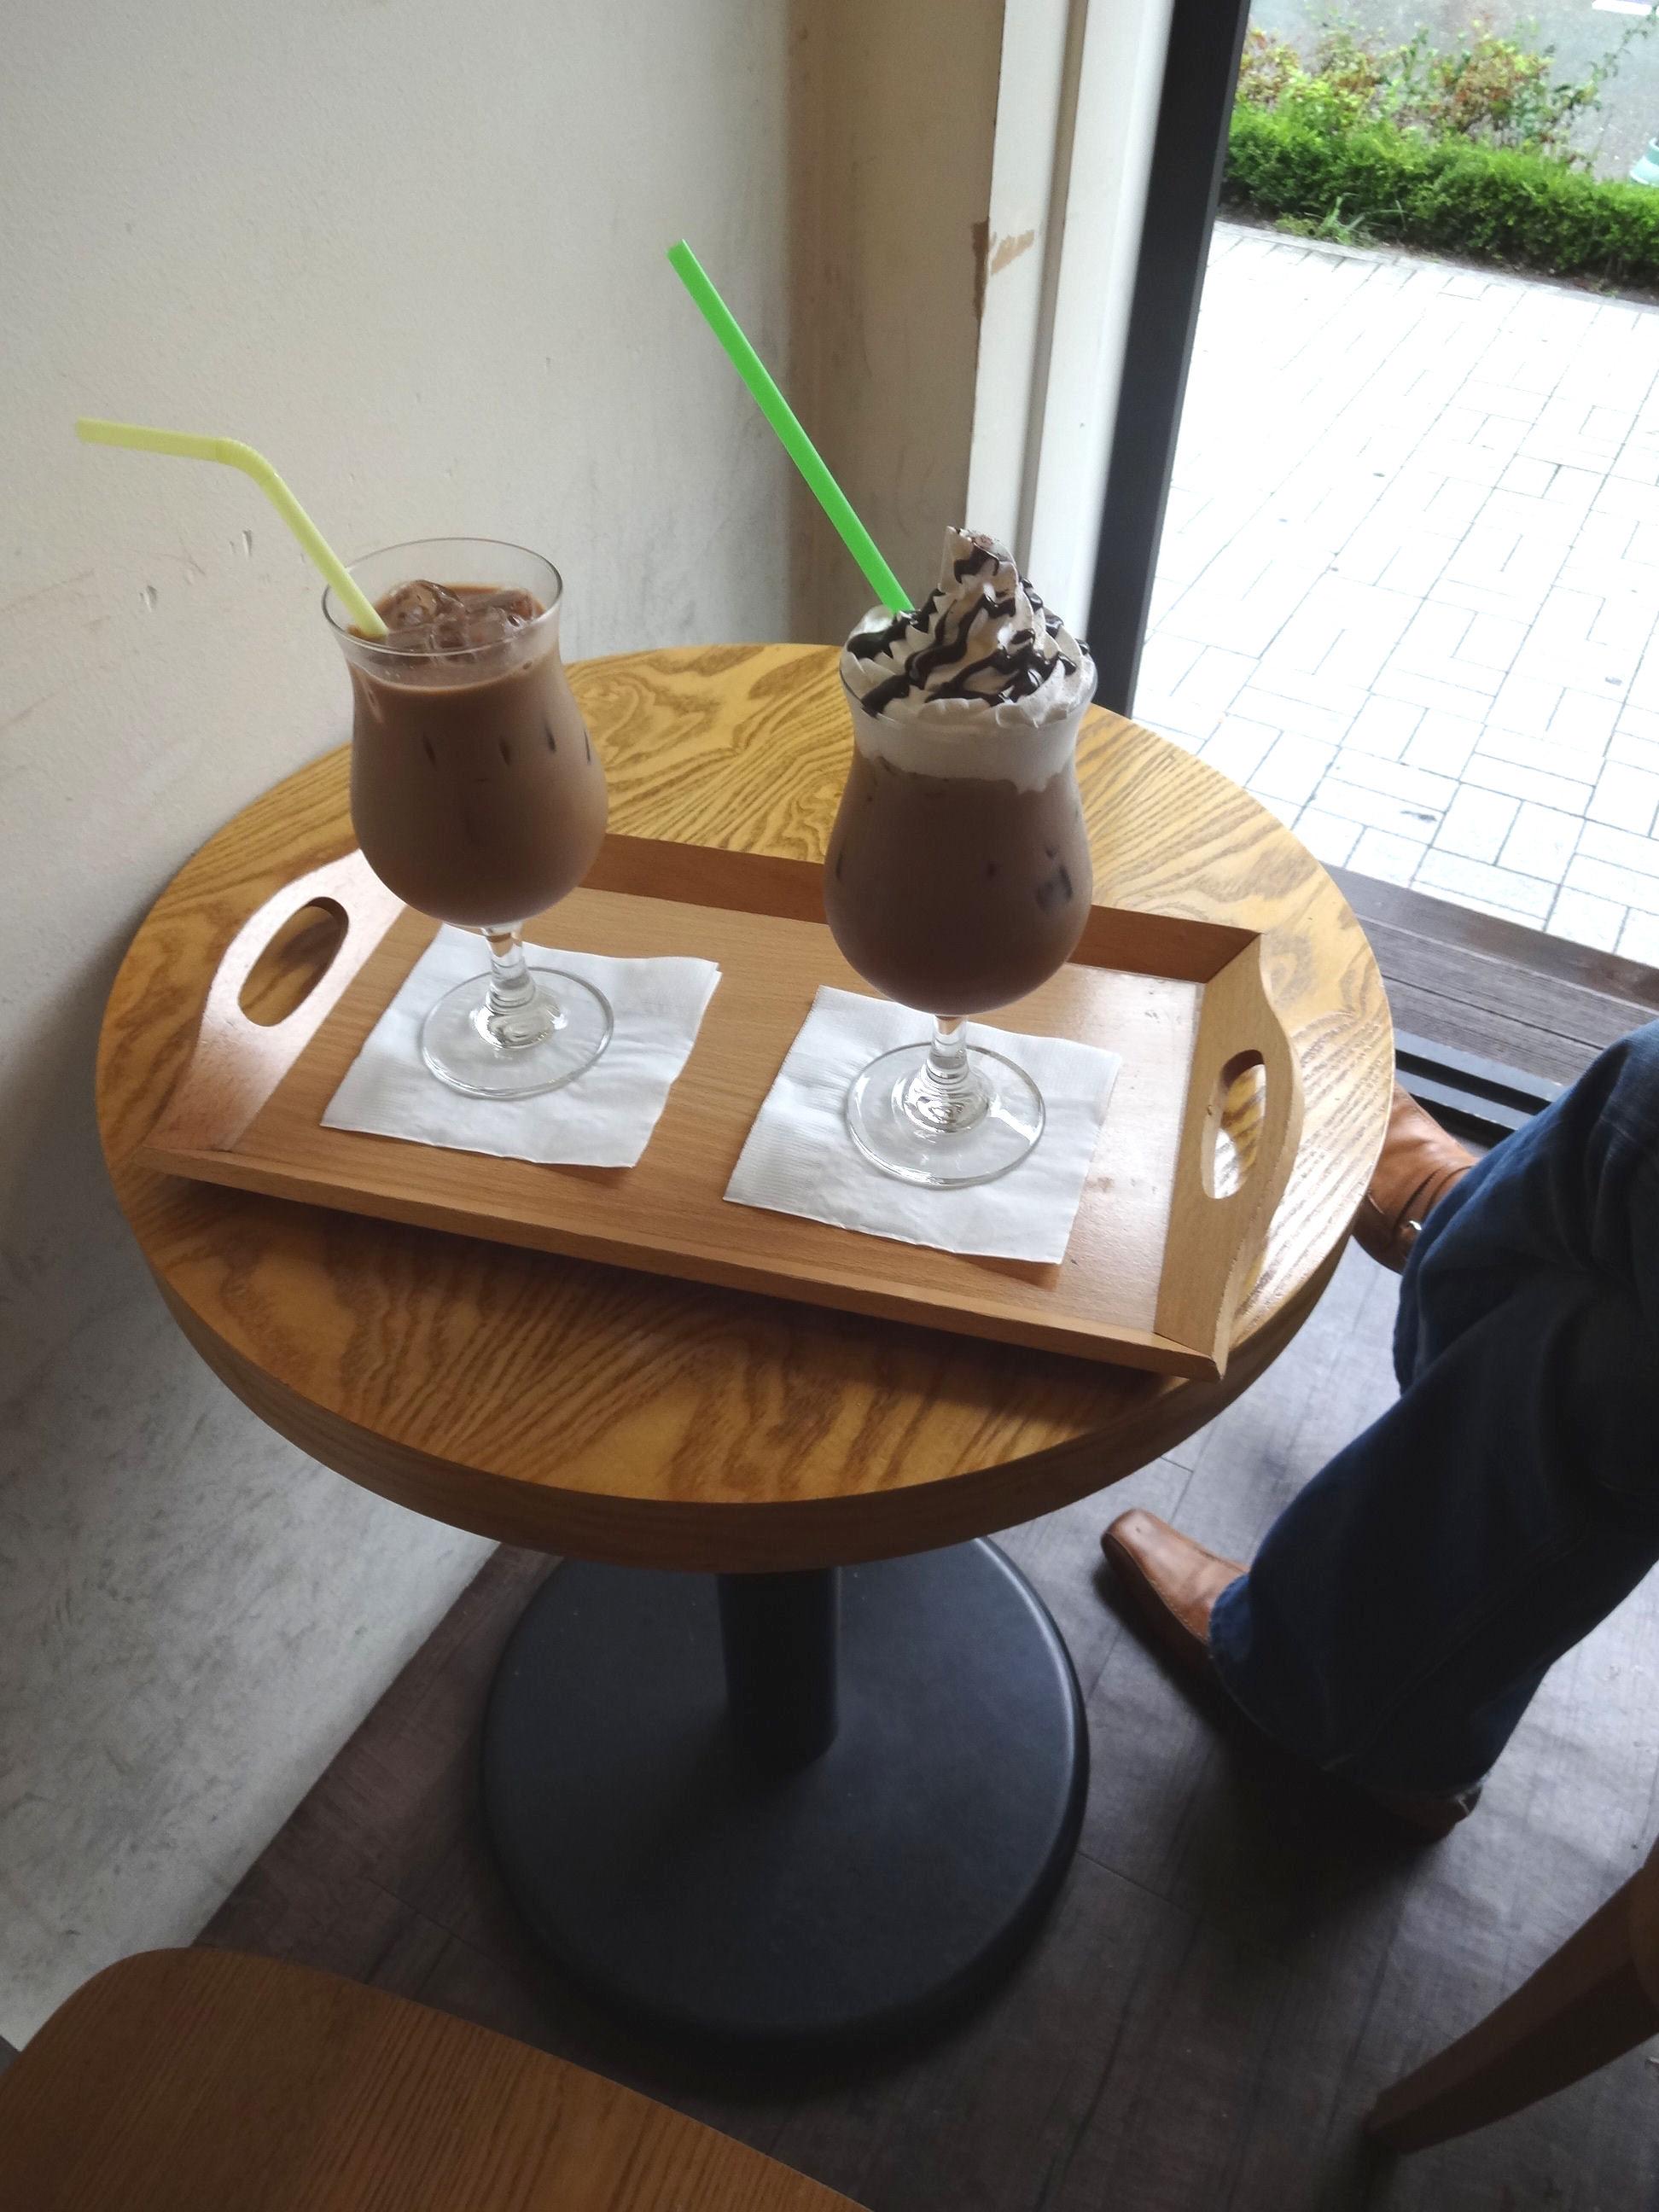 8月 ソウル旅行 その2 薬水駅 素敵カフェ「coffee a walk」_f0054260_183539.jpg